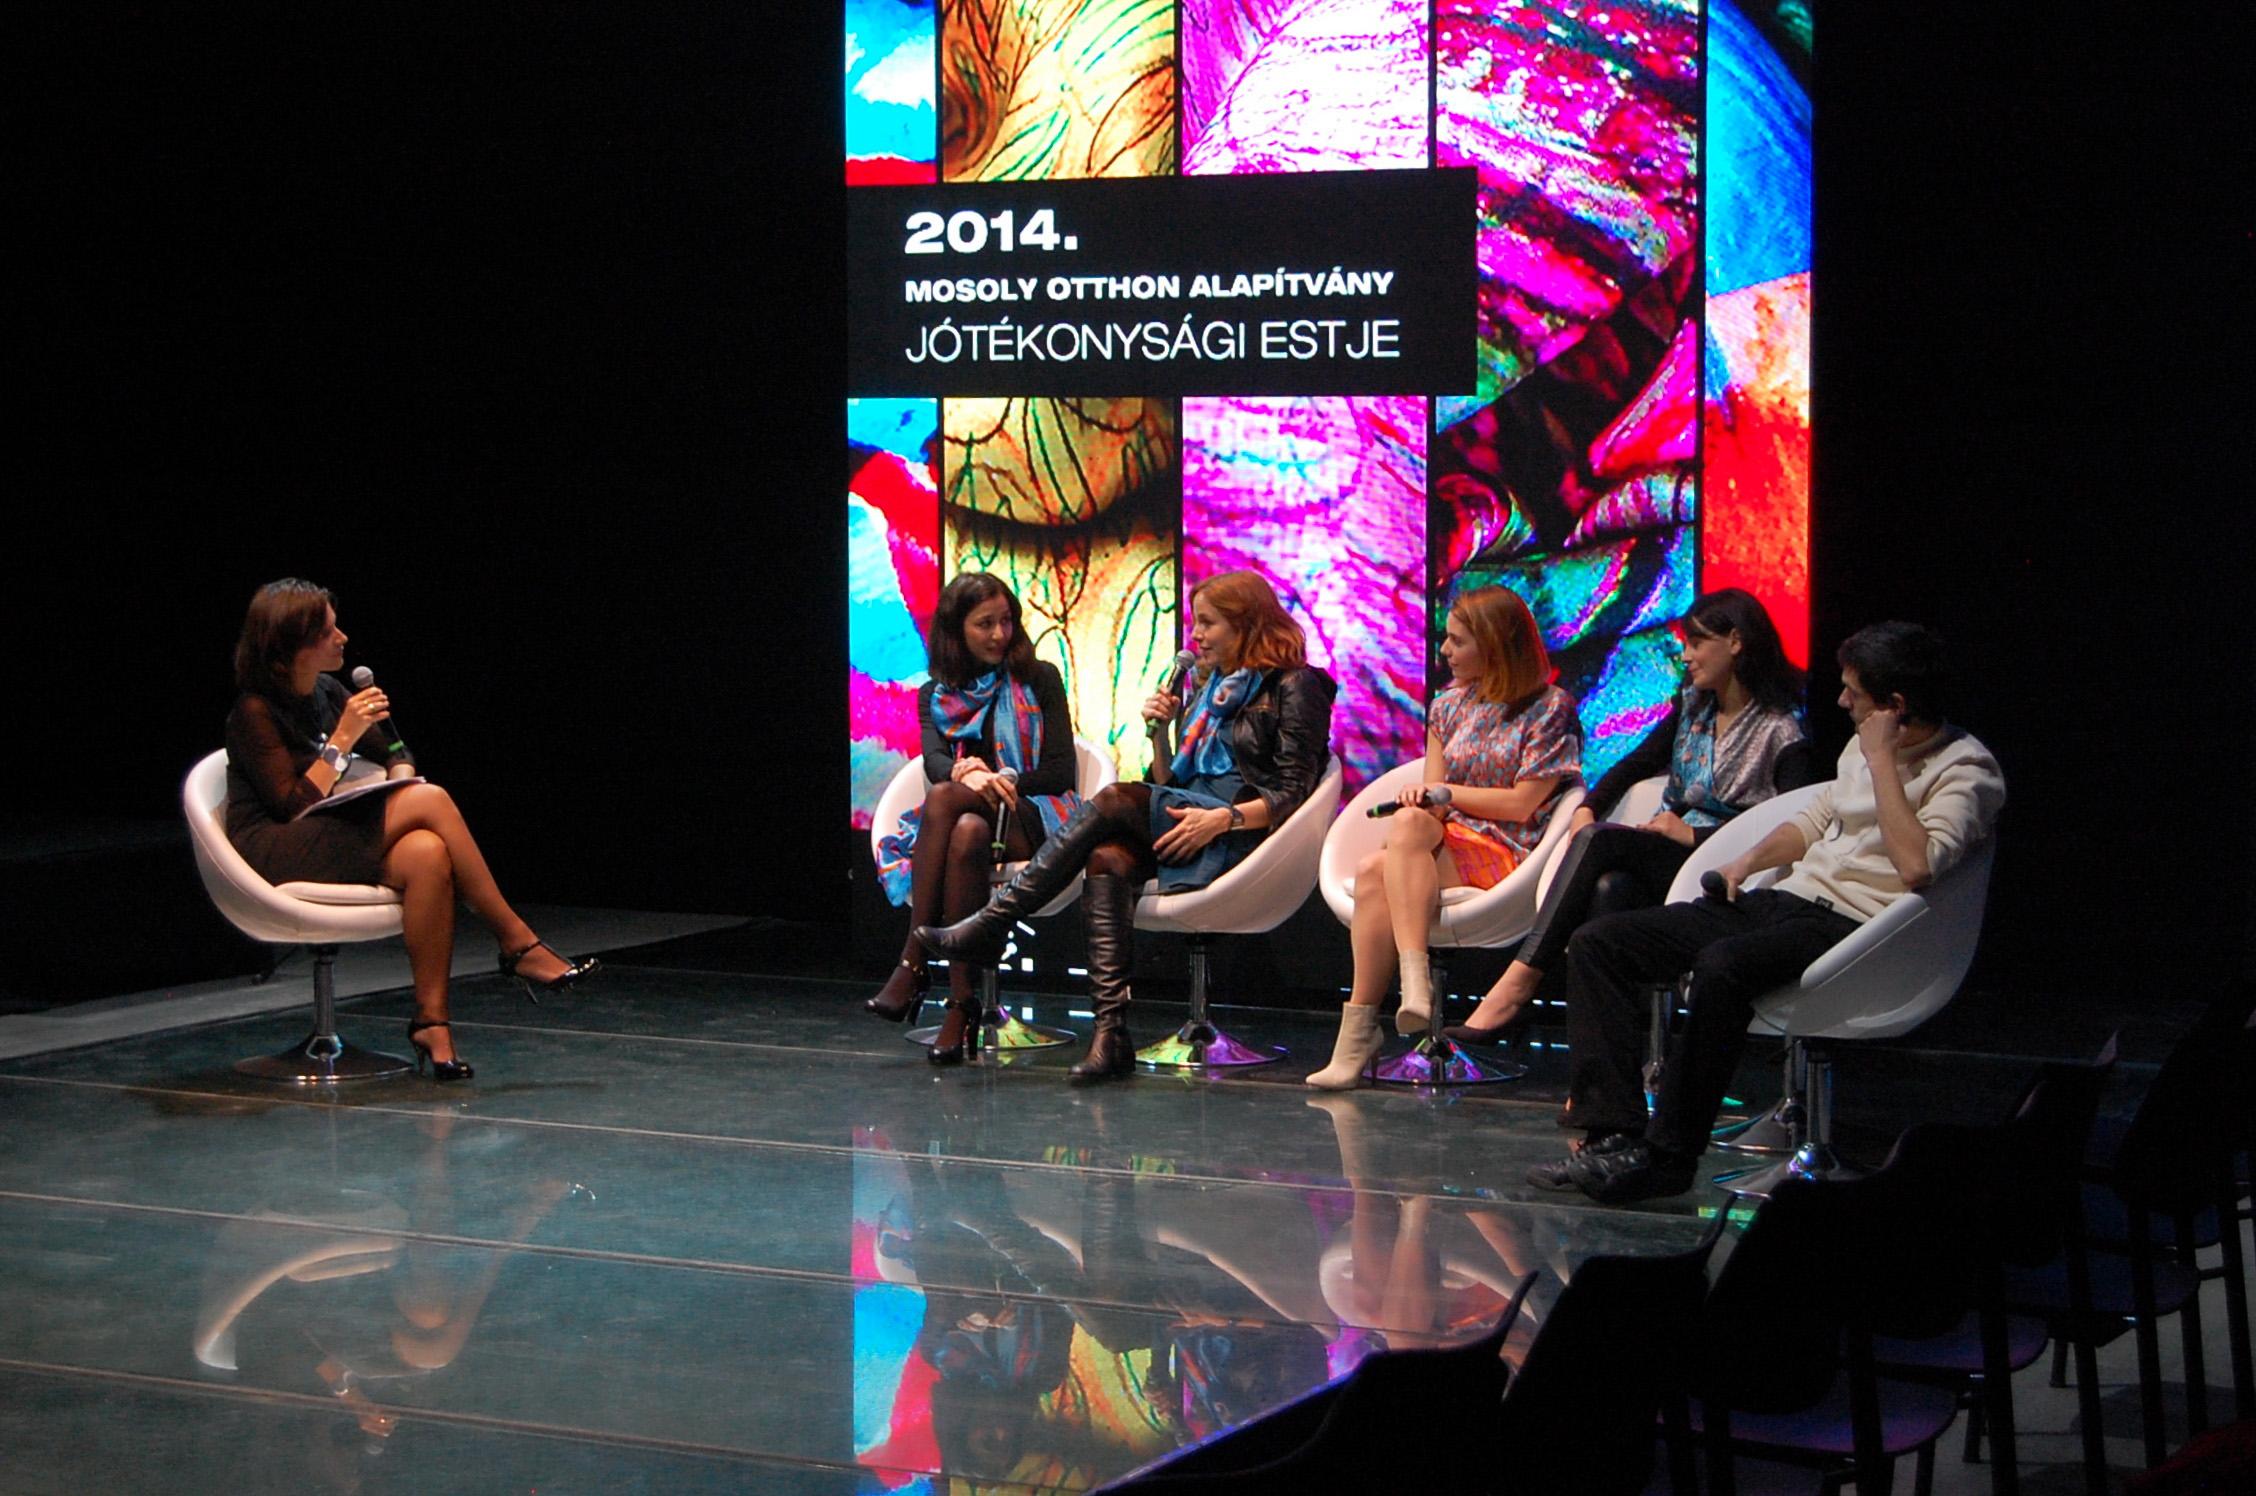 MCFD 2014 bemutatók: Phaidra, Annaeva, Cakó, Cukovy és Galla